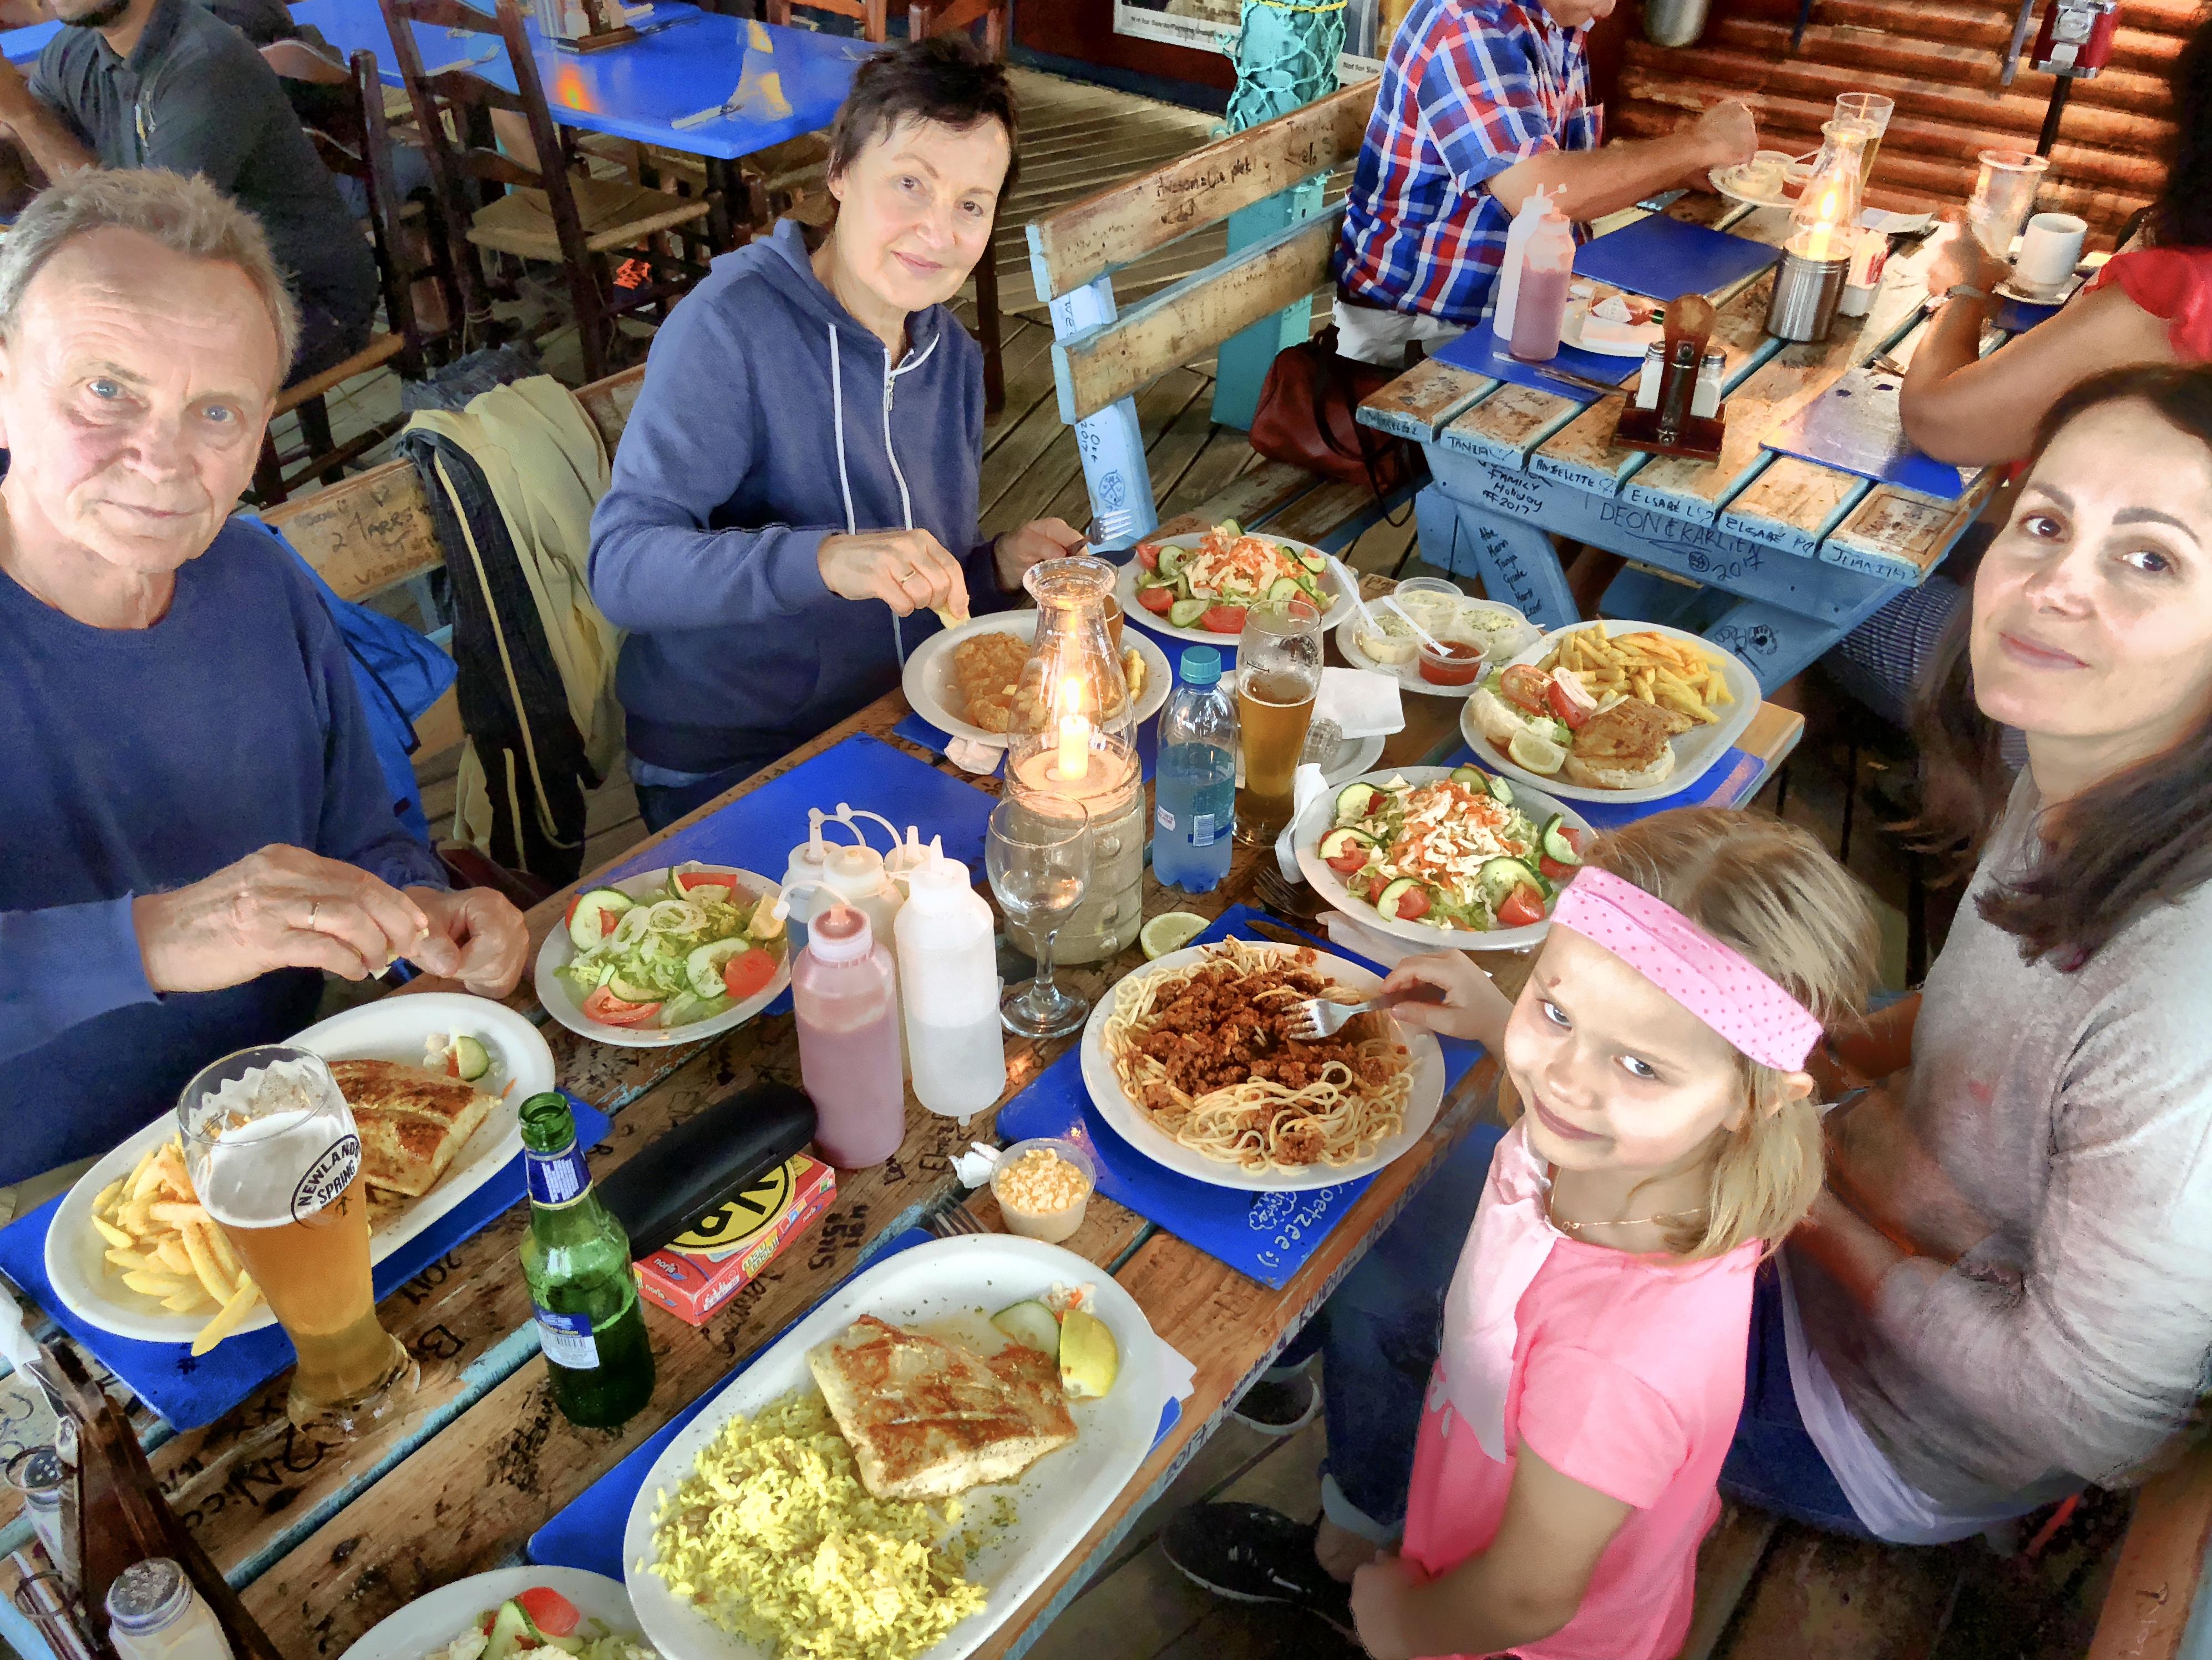 Essen im The Gypsy Sea Café, Mossel Bay, Südafrika